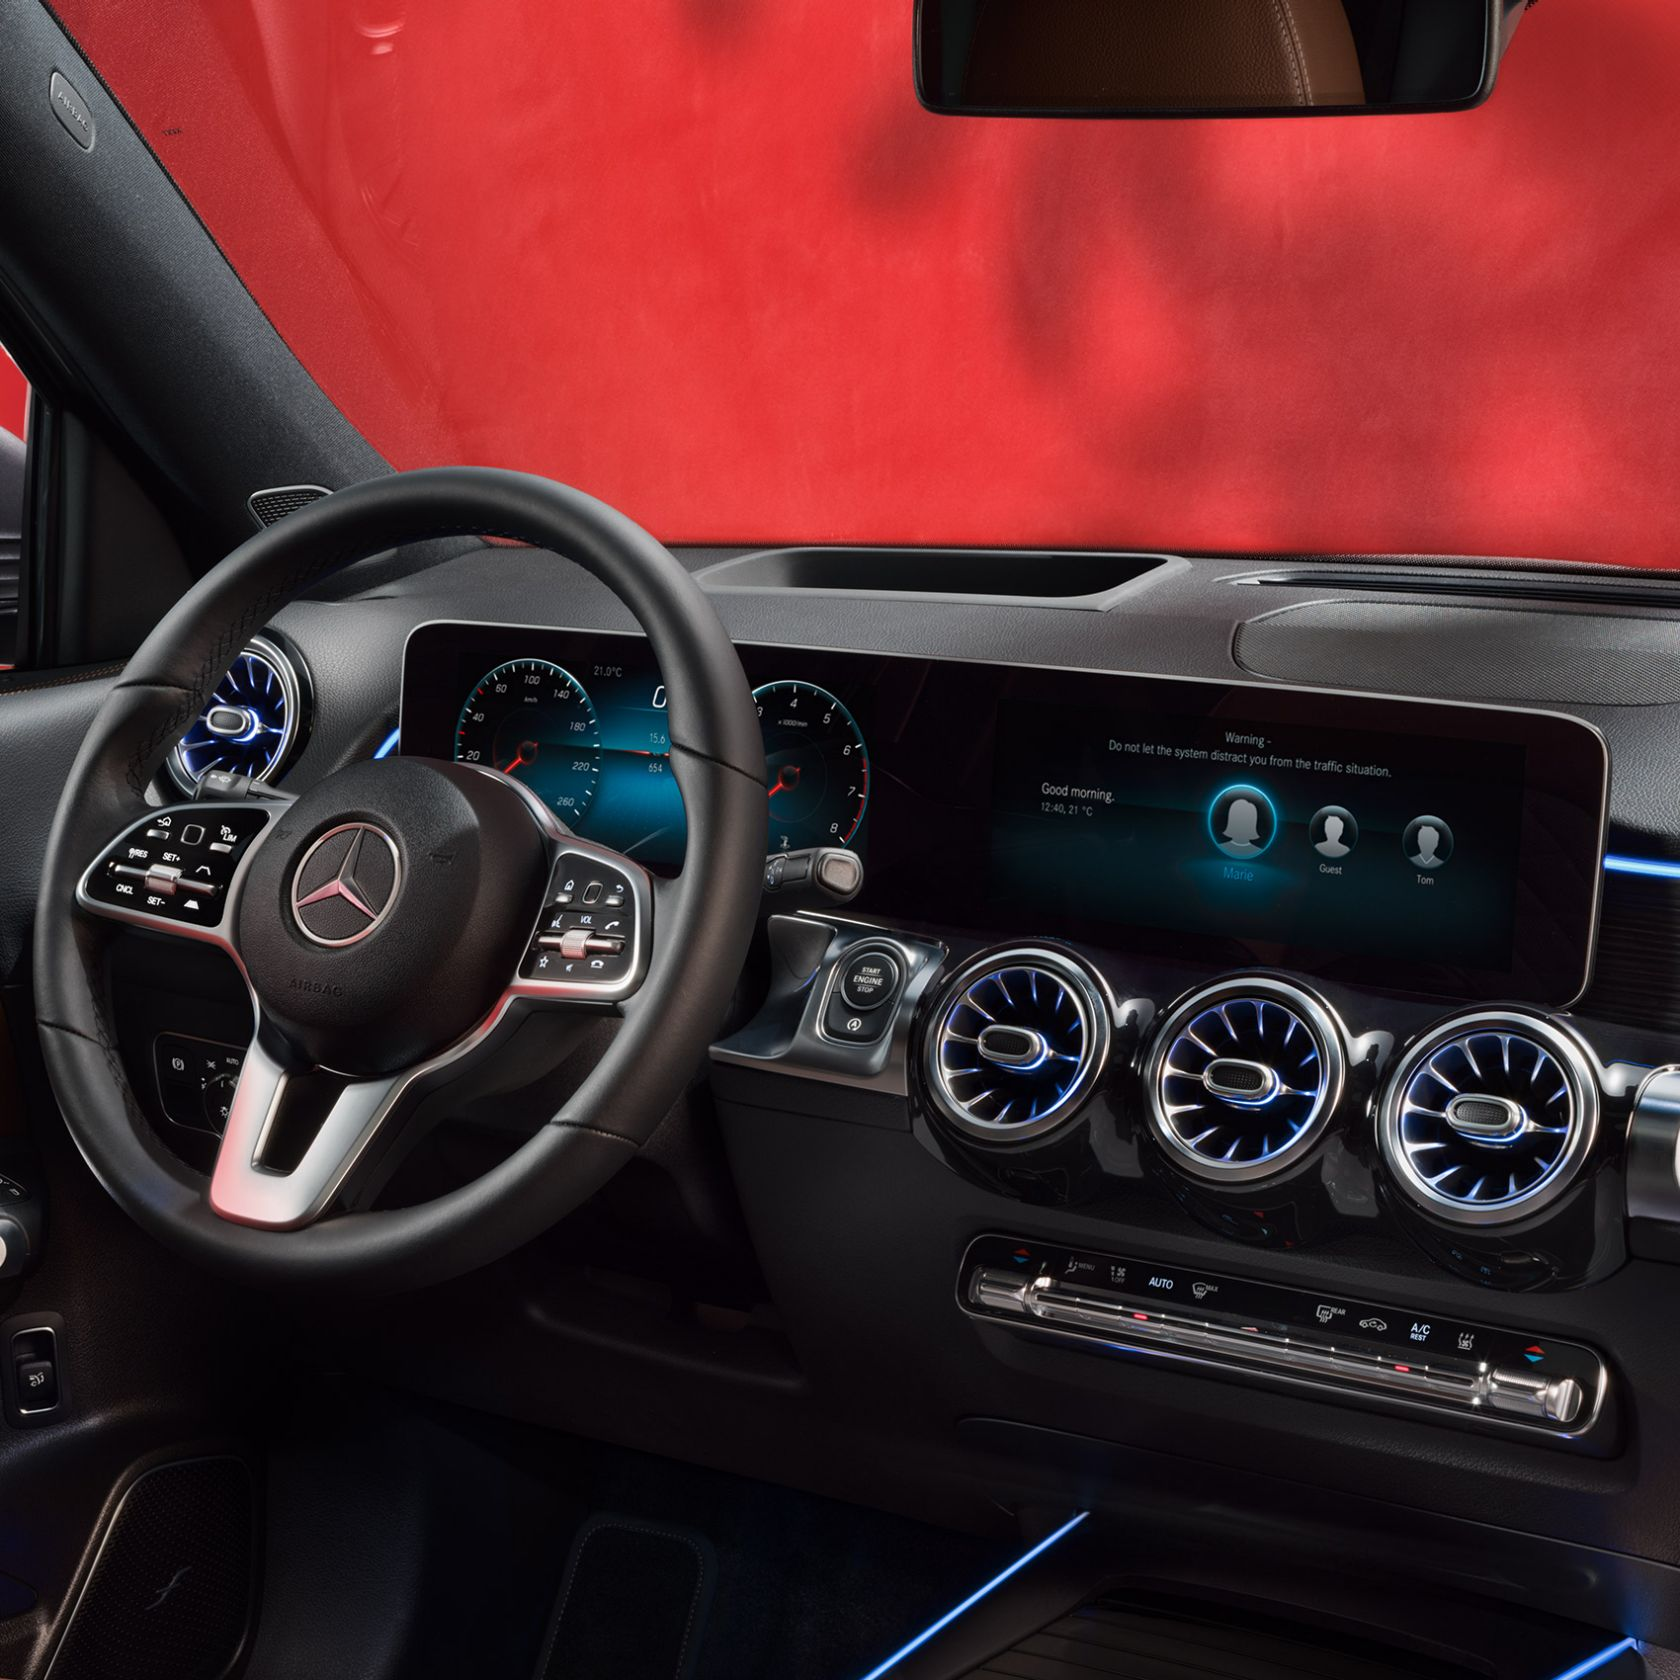 Mercedes-Benz GLB 2020 AMG 35 4MATIC In UAE: New Car